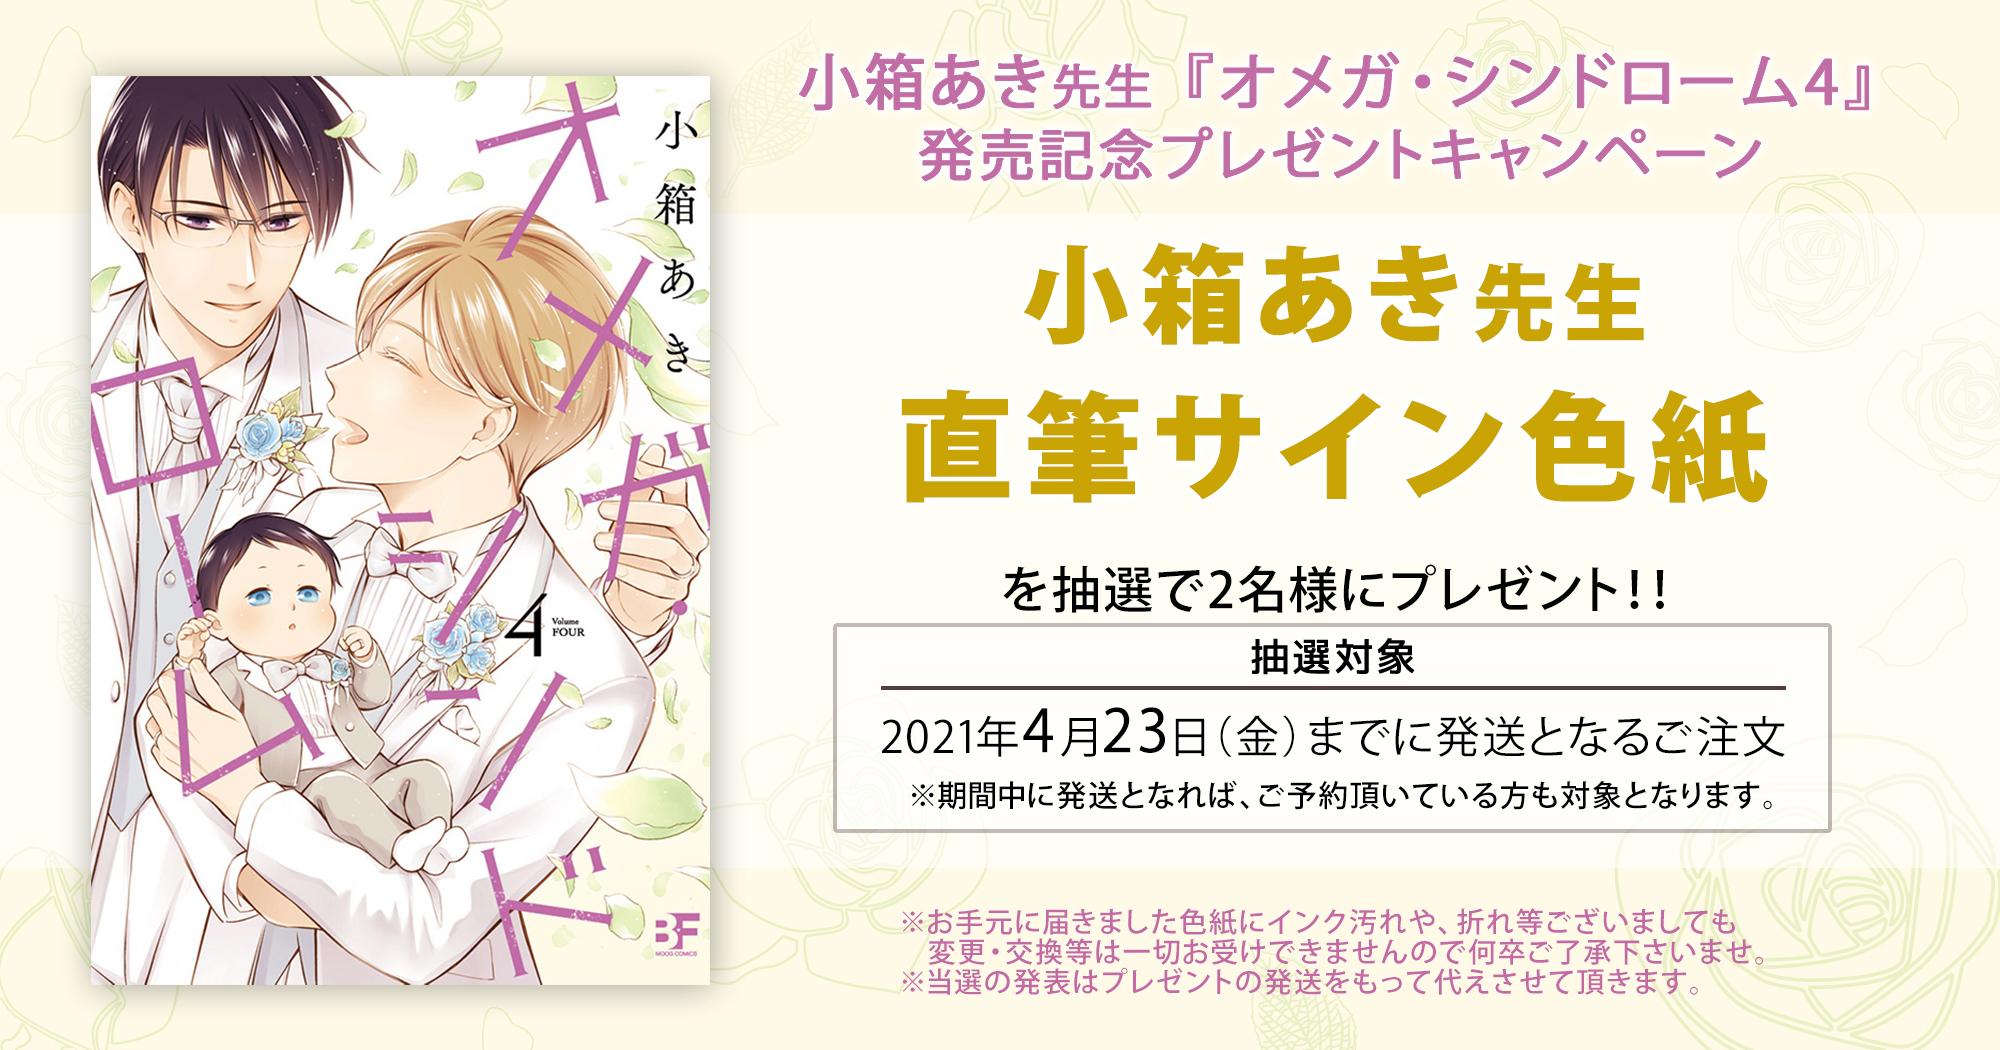 小箱あき先生『オメガ・シンドローム(4)』 発売記念キャンペーン